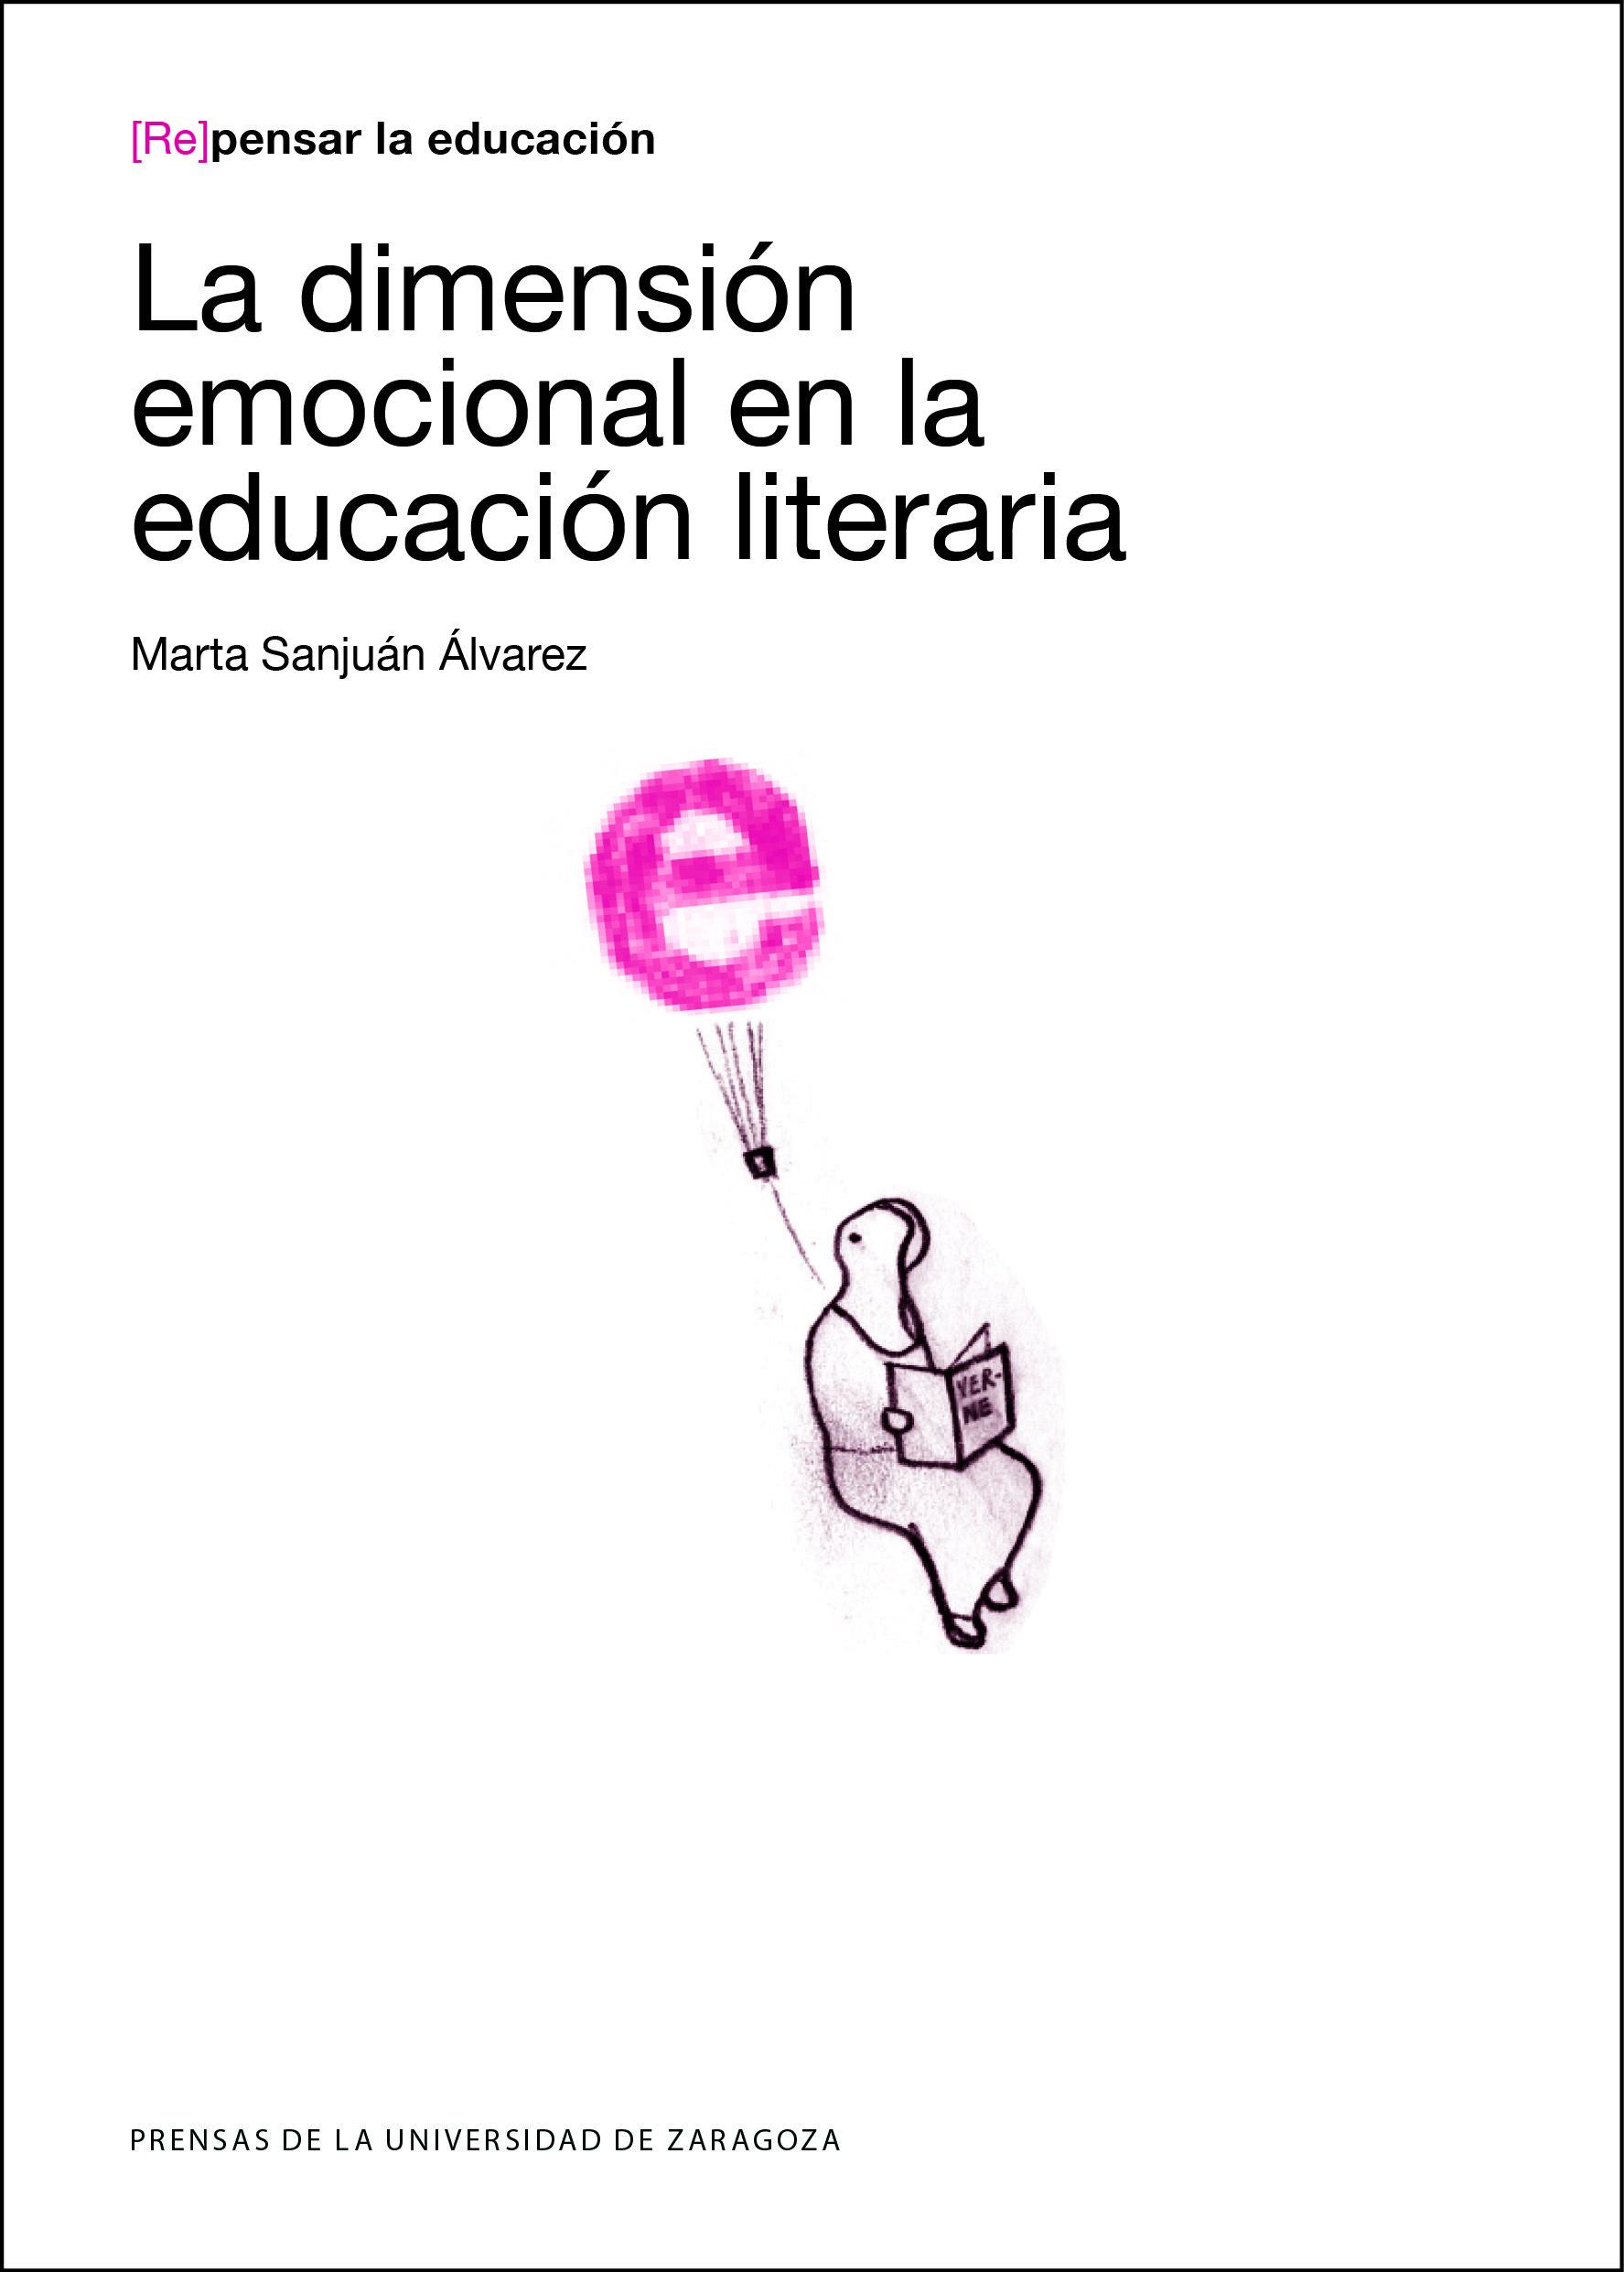 La dimensión emocional en la educación literaria / Marta